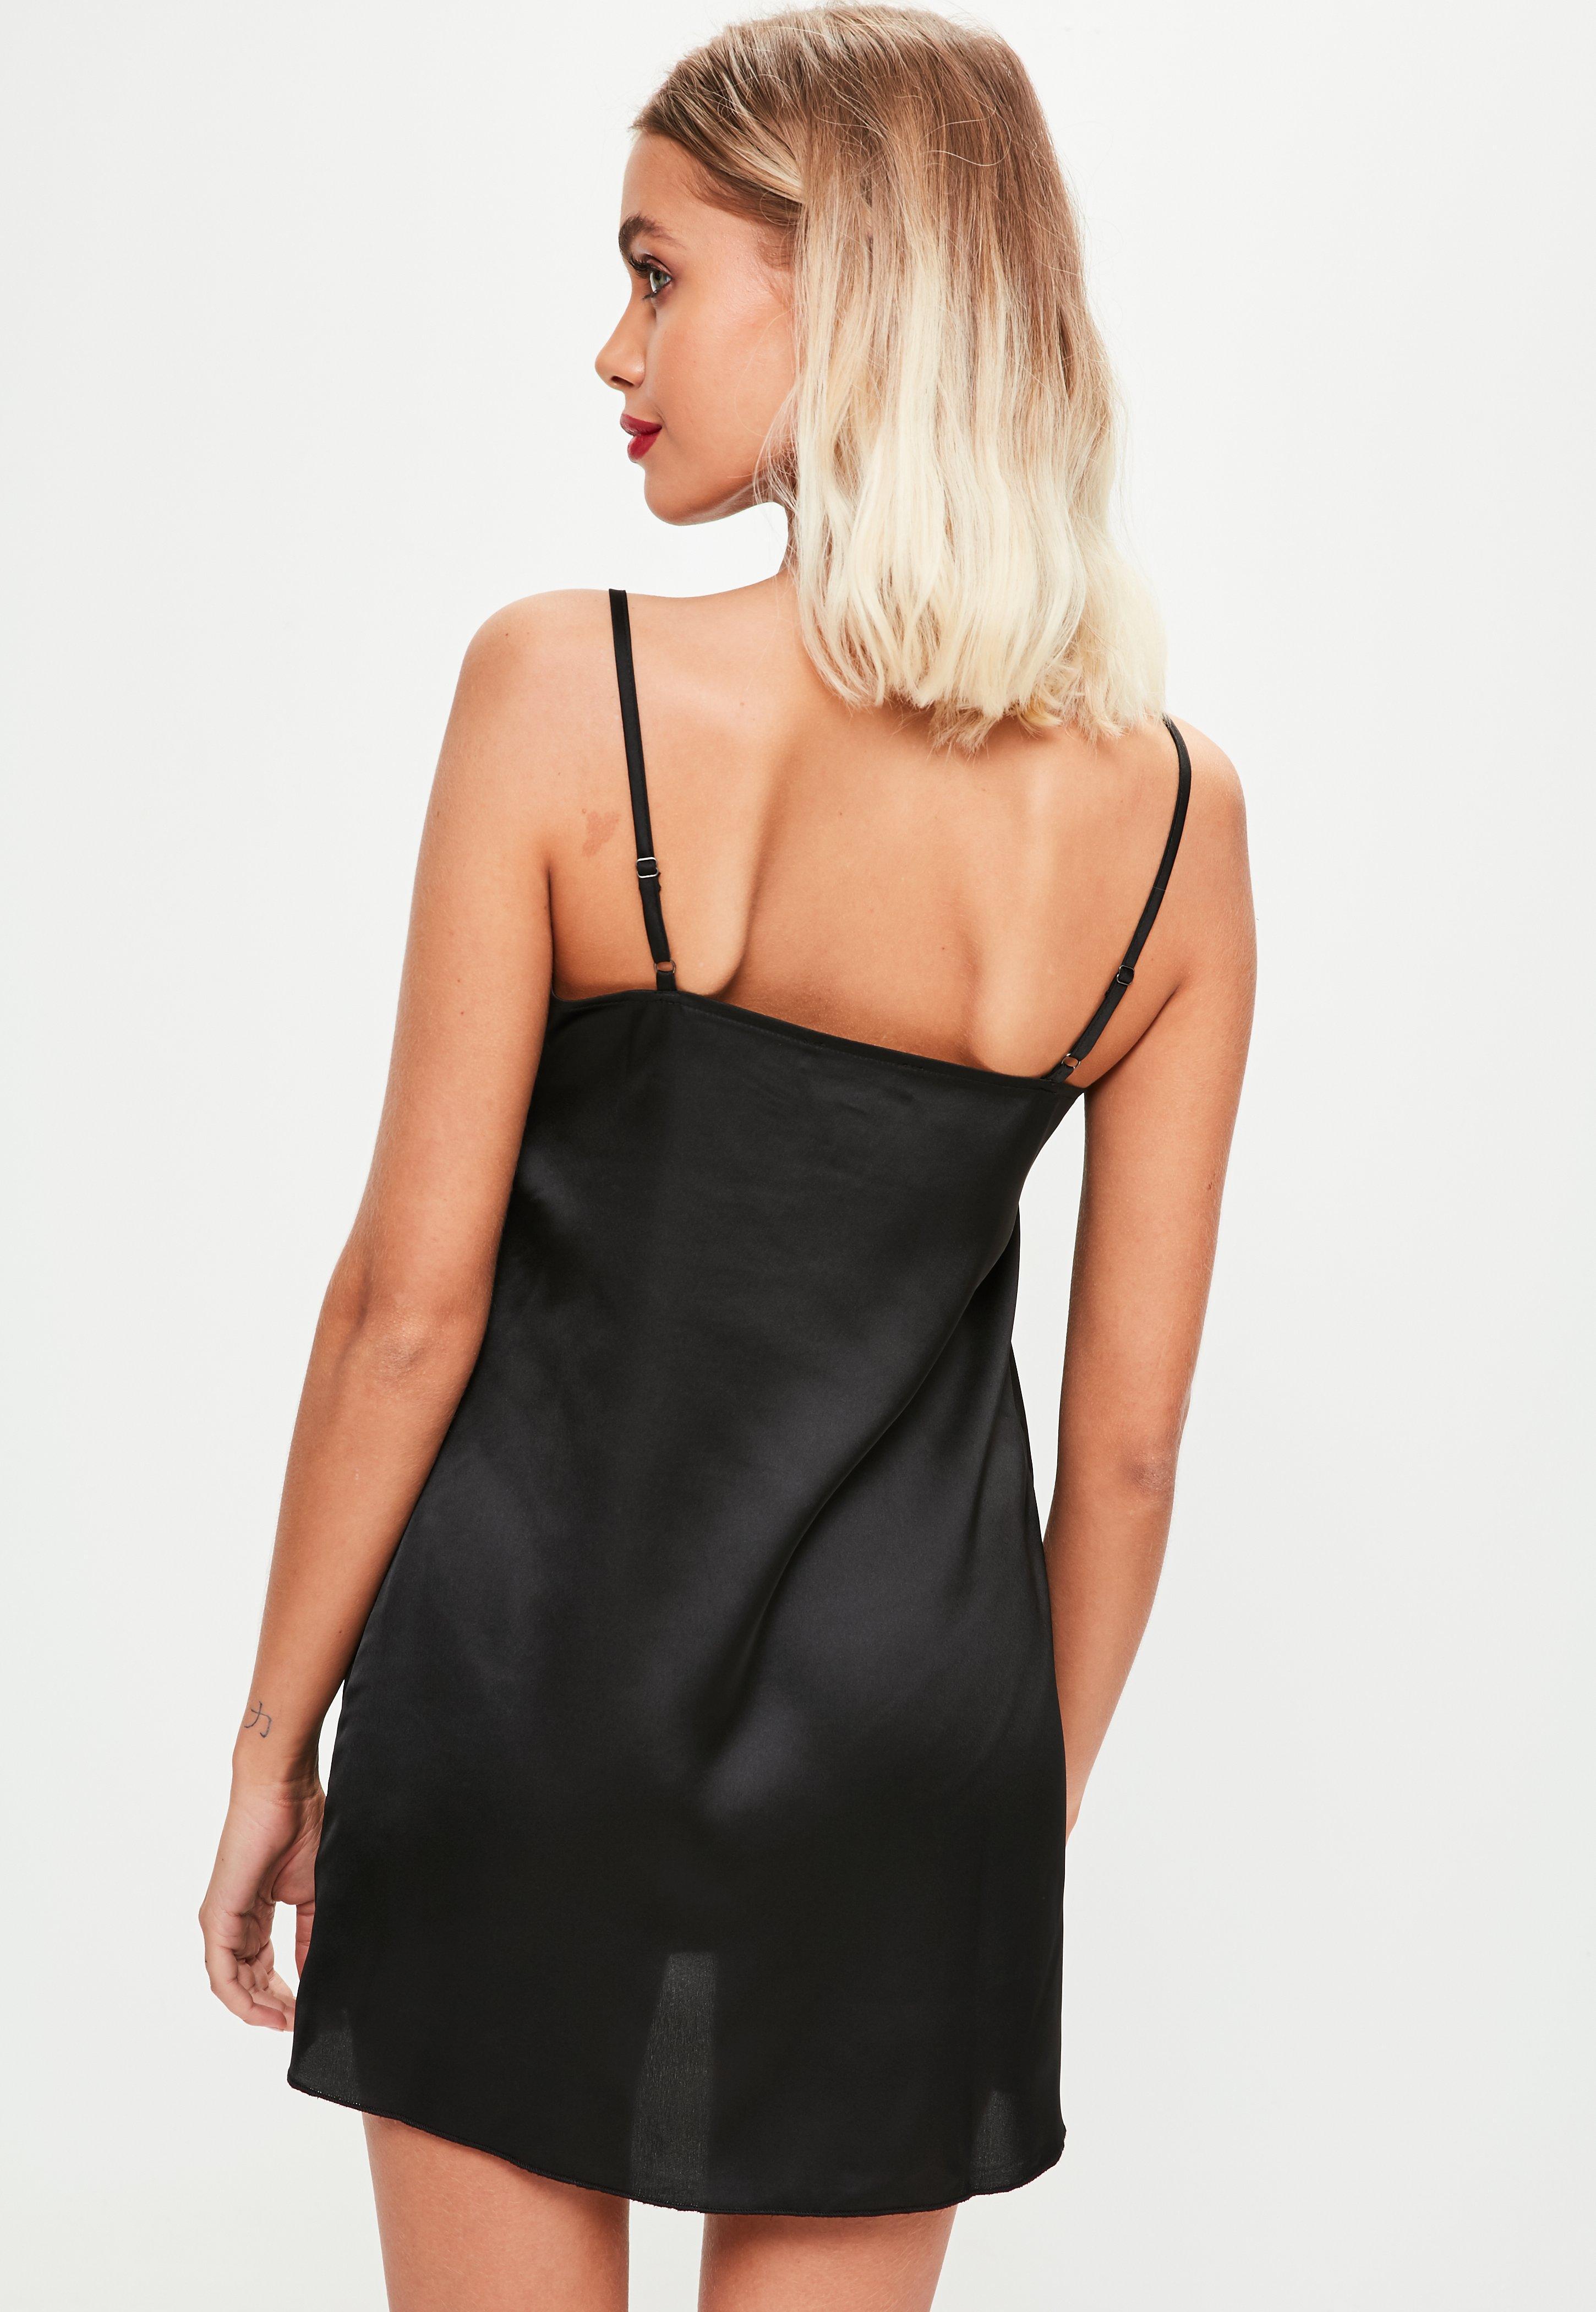 bc8db27bc400b6 Missguided Black Satin Lace Insert Slip Dress in Black - Lyst